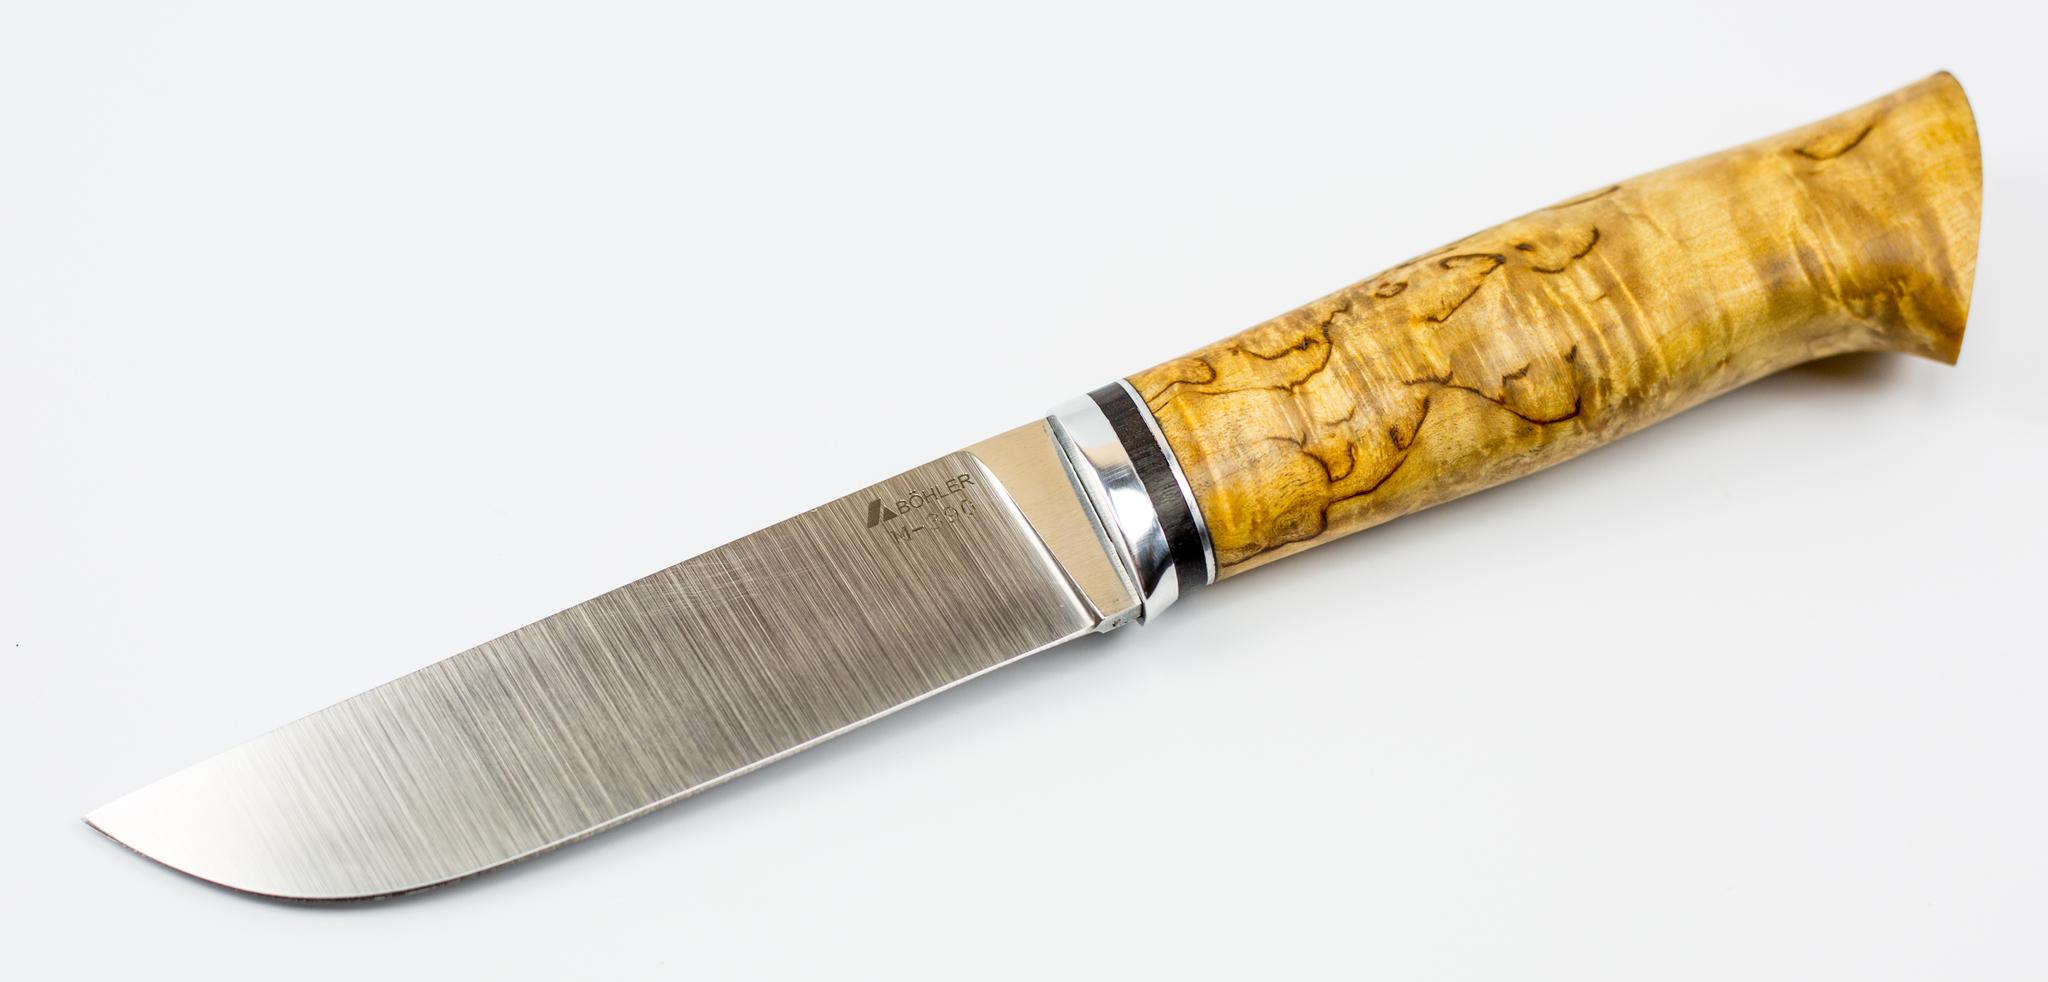 Туристический нож Граф, рукоть - карельска береза, сталь Bhler M-390Ножи Ворсма<br>Туристический нож Граф станет незаменим в походе, на рыбалке или охоте. Чехол из черной кожи, прошит крепкими нитками и надежно сохранит лезвие от повреждений. Клинок выполнен из первоклассной стали Bhler M-390, котора не боитс слома и не поддаетс образовани ржавчины.  Режуща кромка оснащена двухсторонней симметричной заточкой, устойчивой к затуплени, а по мере необходимости легко правитьс. Рукоть создана из прочной карельской березы. Поверхность светлого натурального цвета отлично ложитс в ладонь и не скользит.<br>